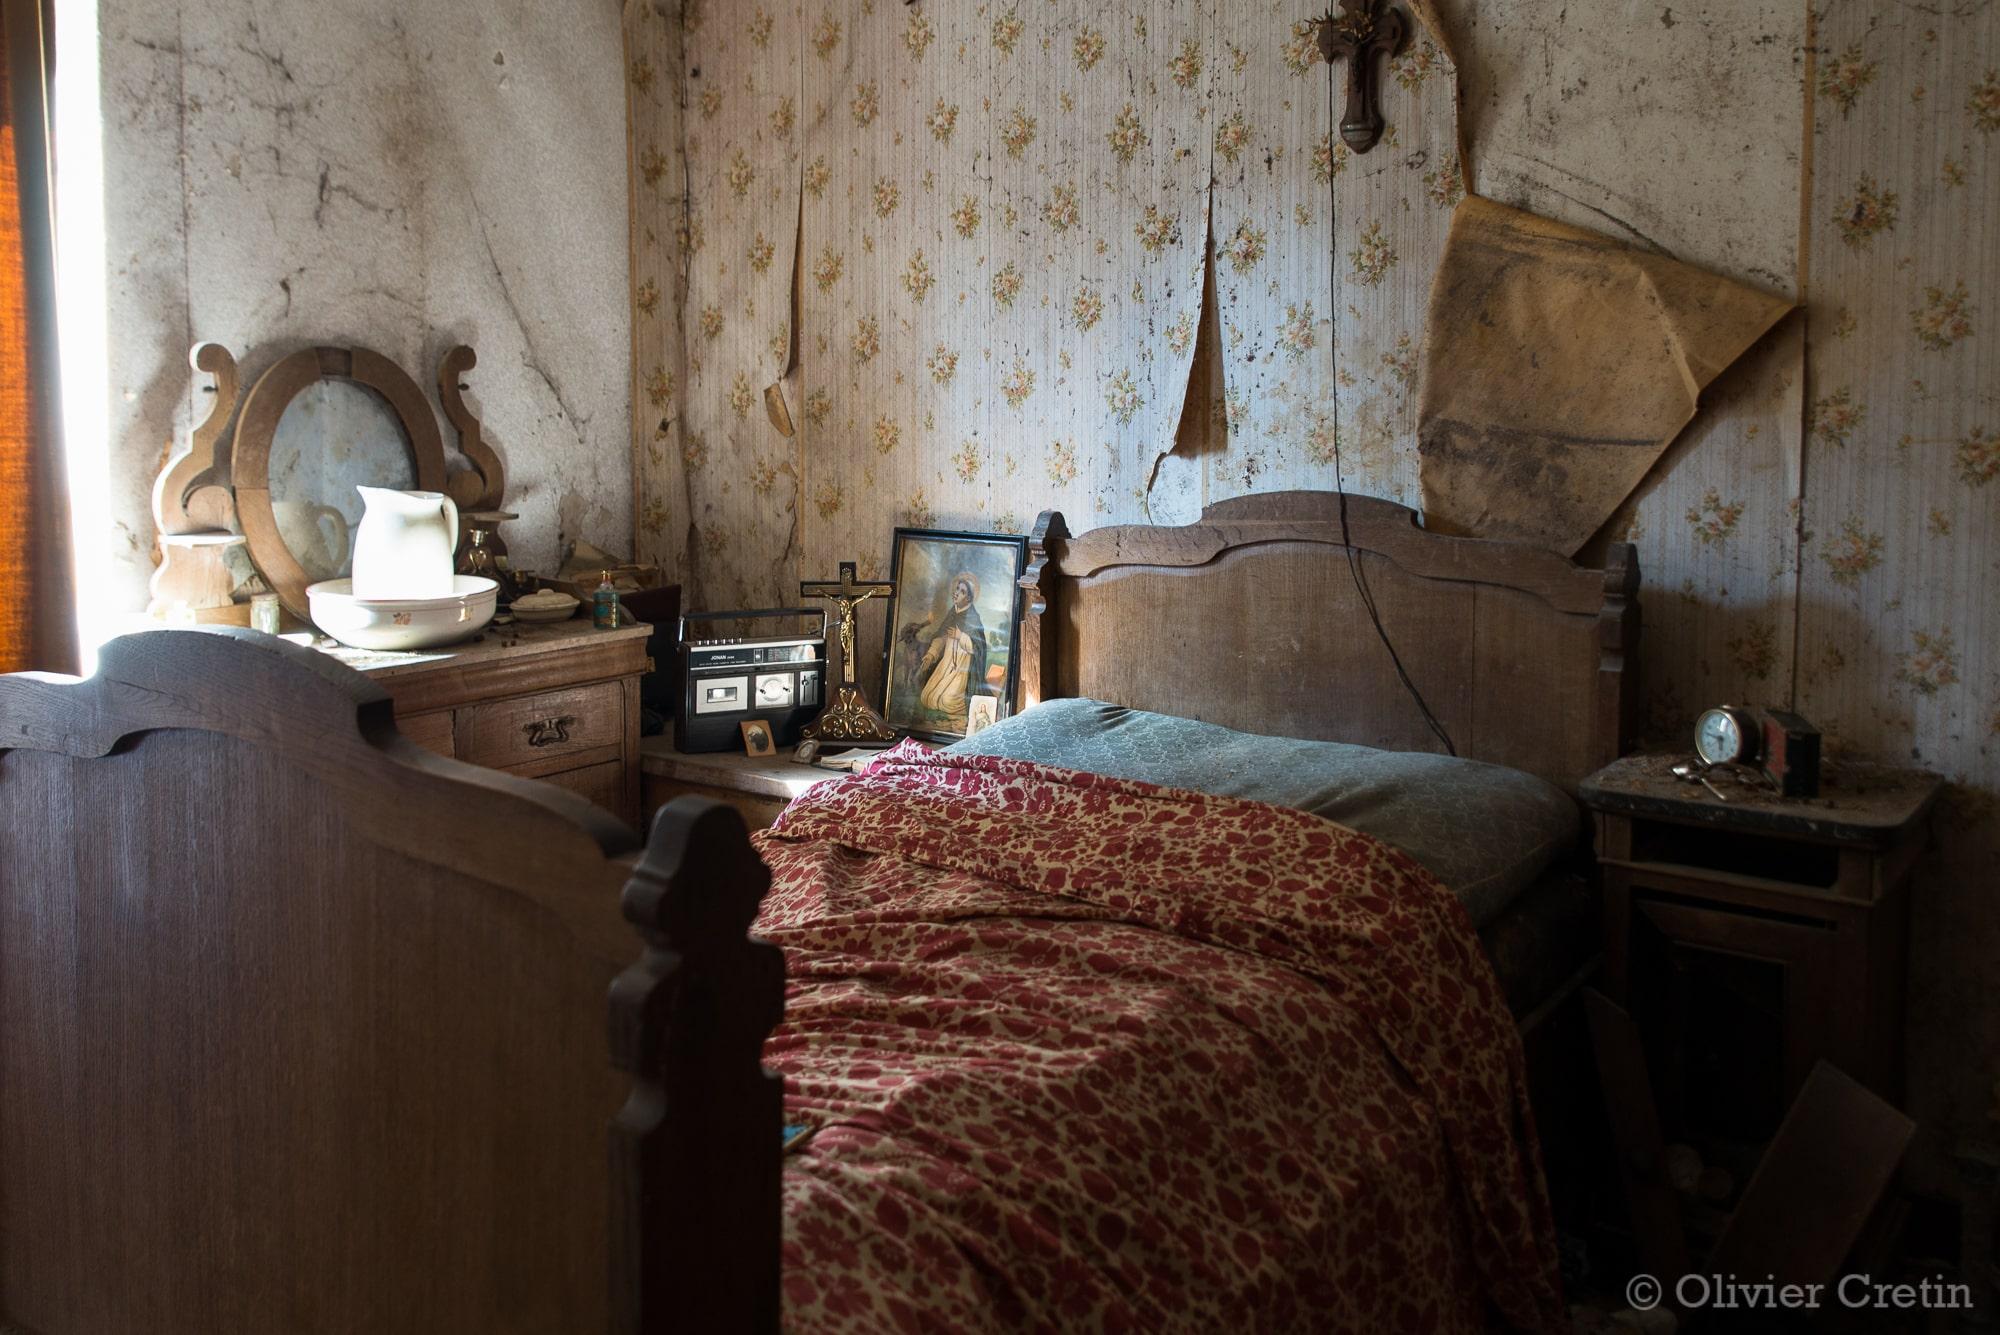 Urbex maisons belges olivier cretin for 3 suisses maison